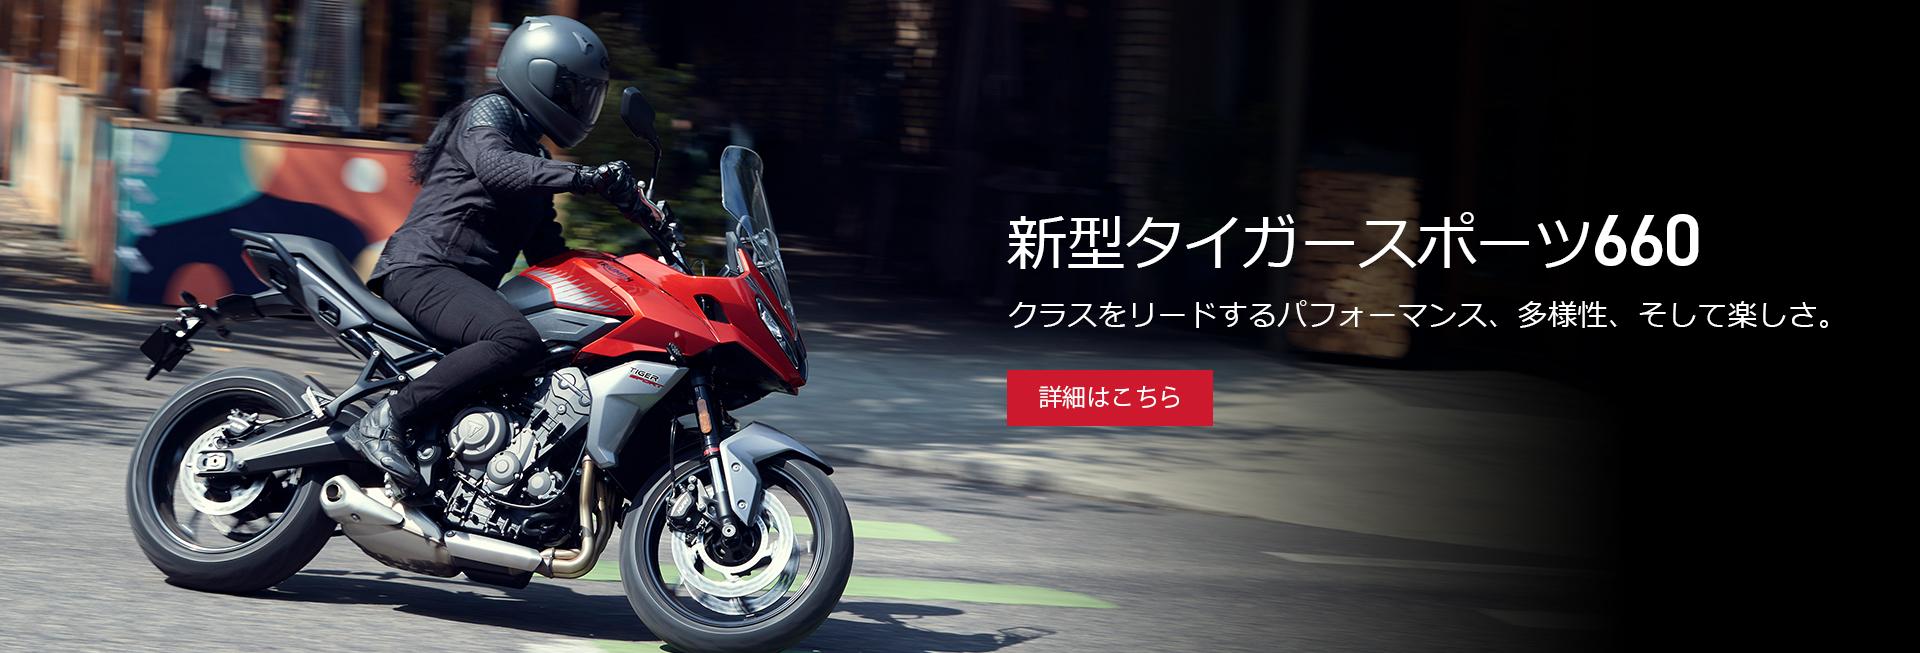 新型タイガースポーツ660